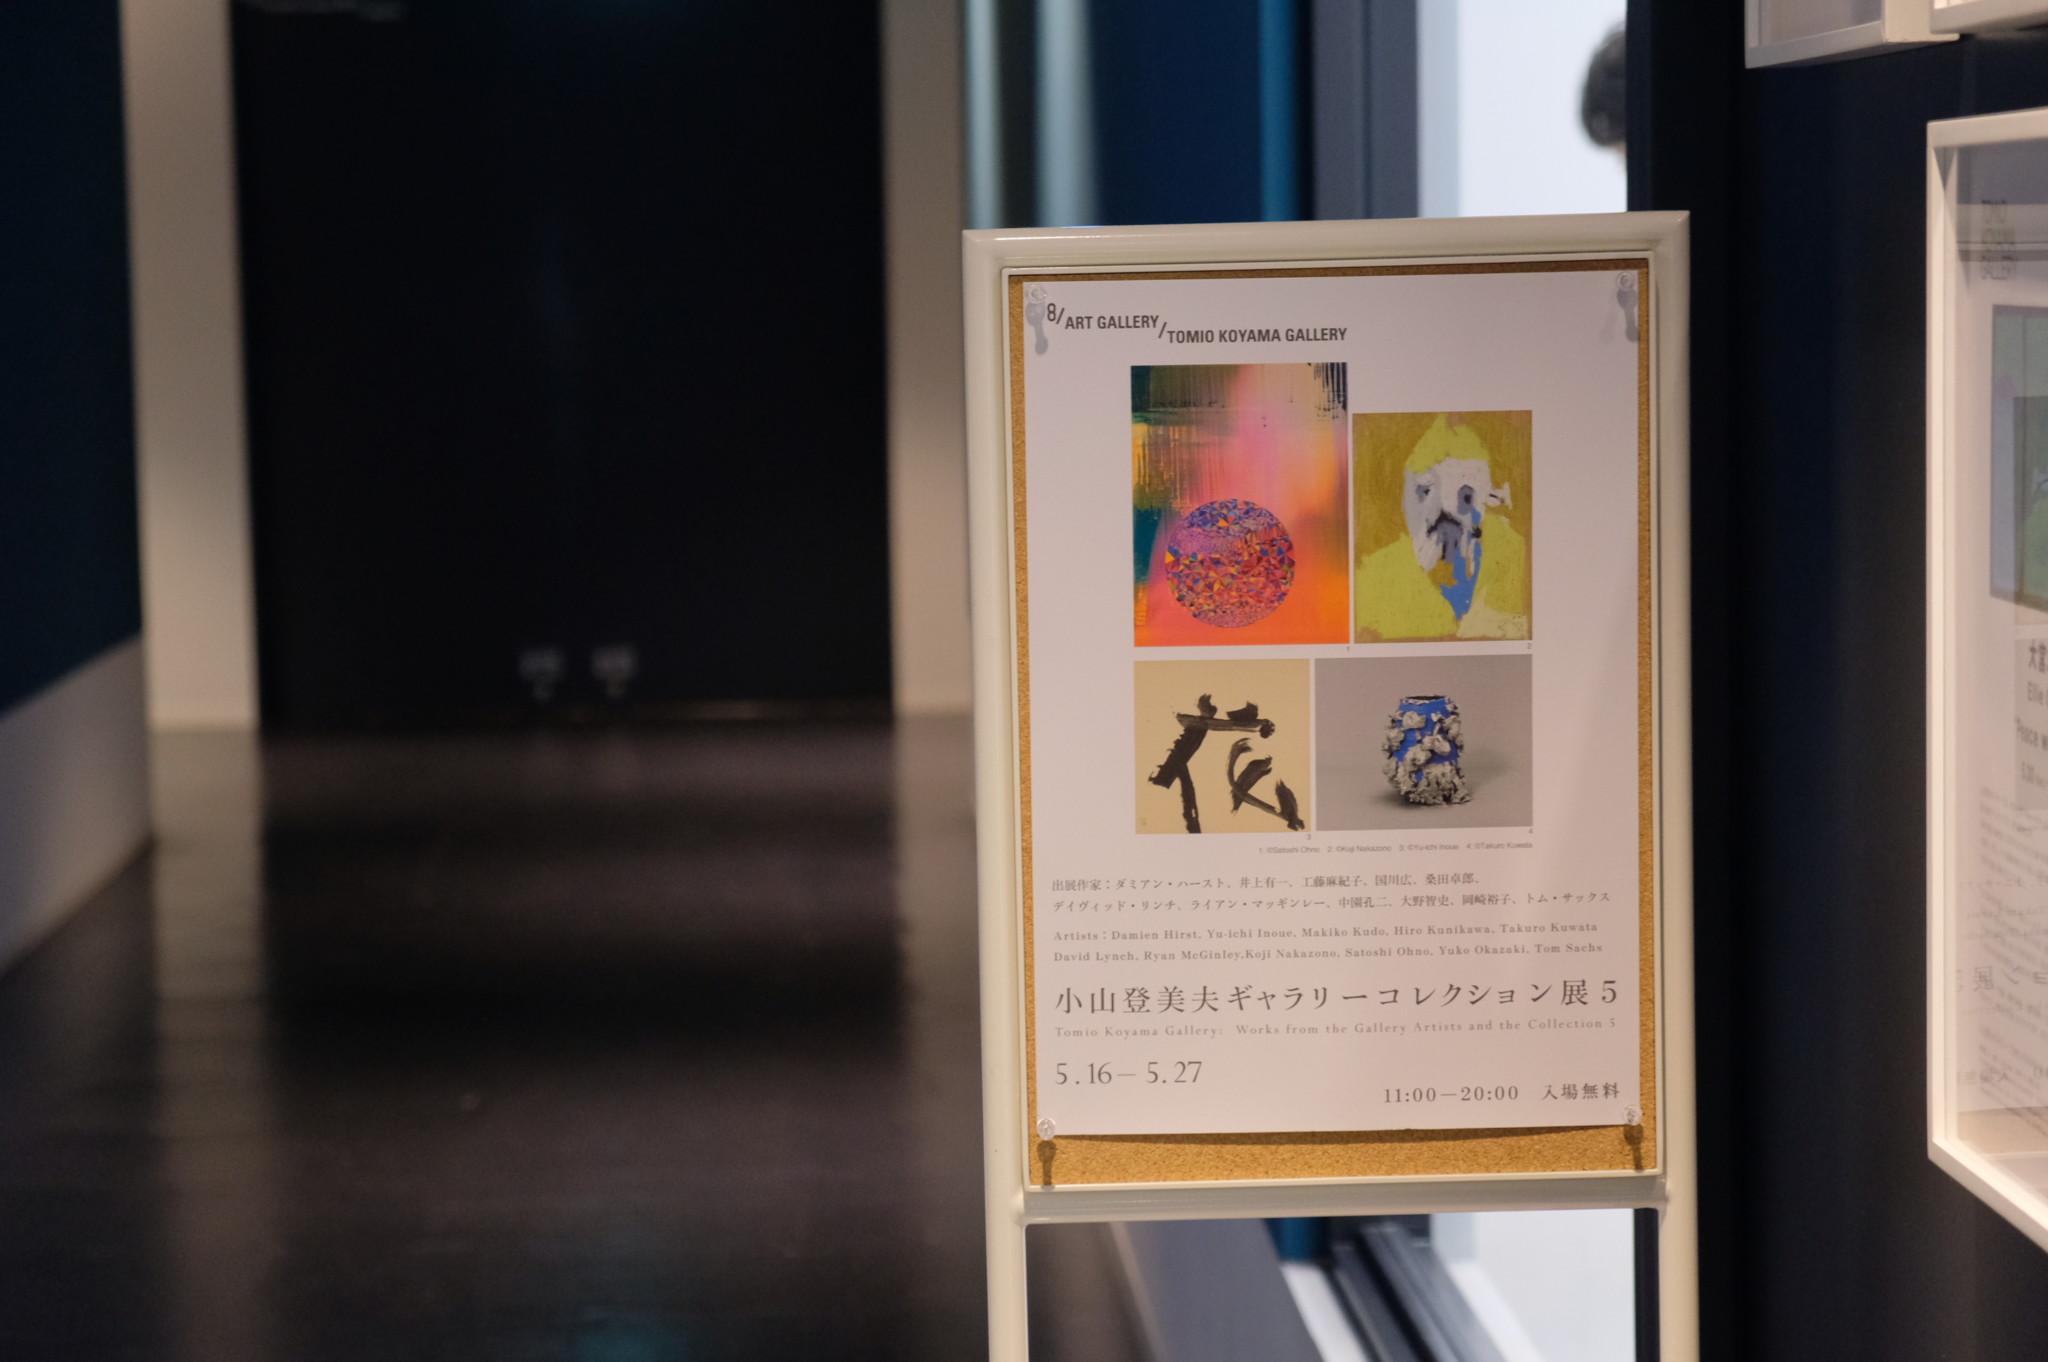 小山登美夫ギャラリーコレクション展5